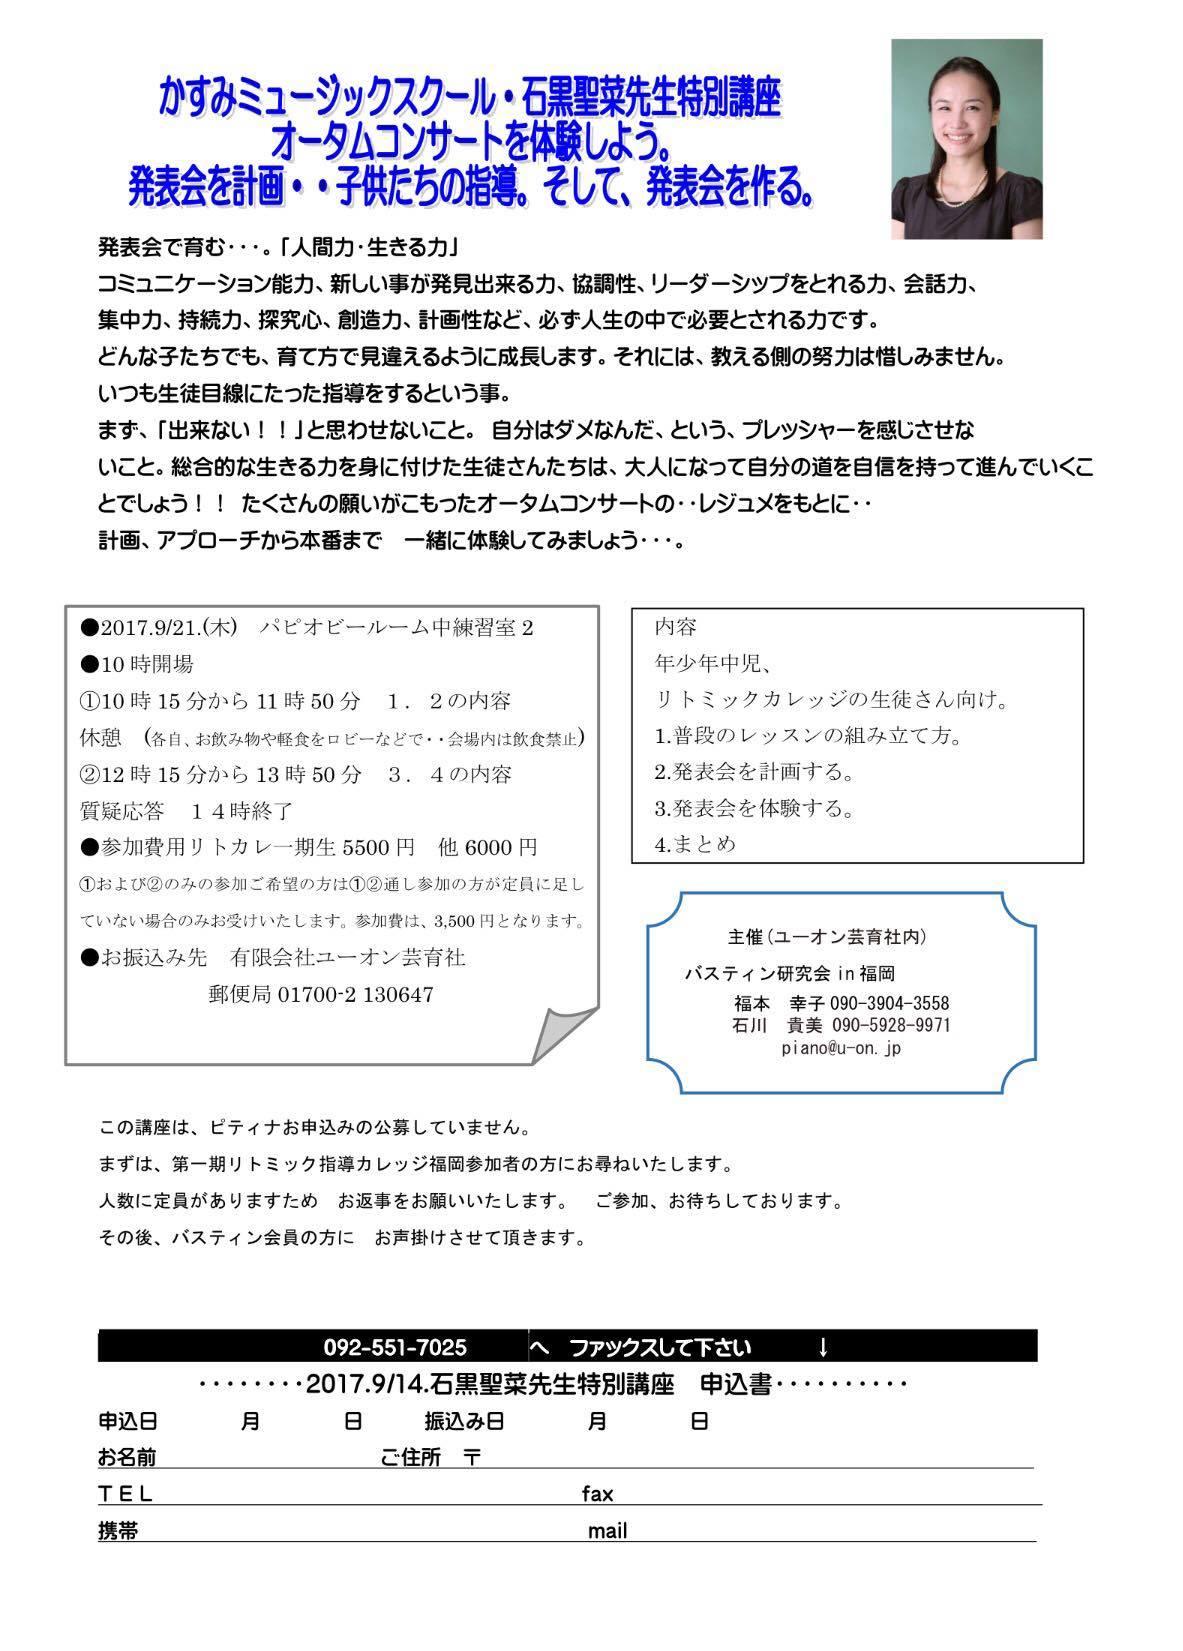 聖菜先生特別講座「オータムコンサート・発表会」in 福岡